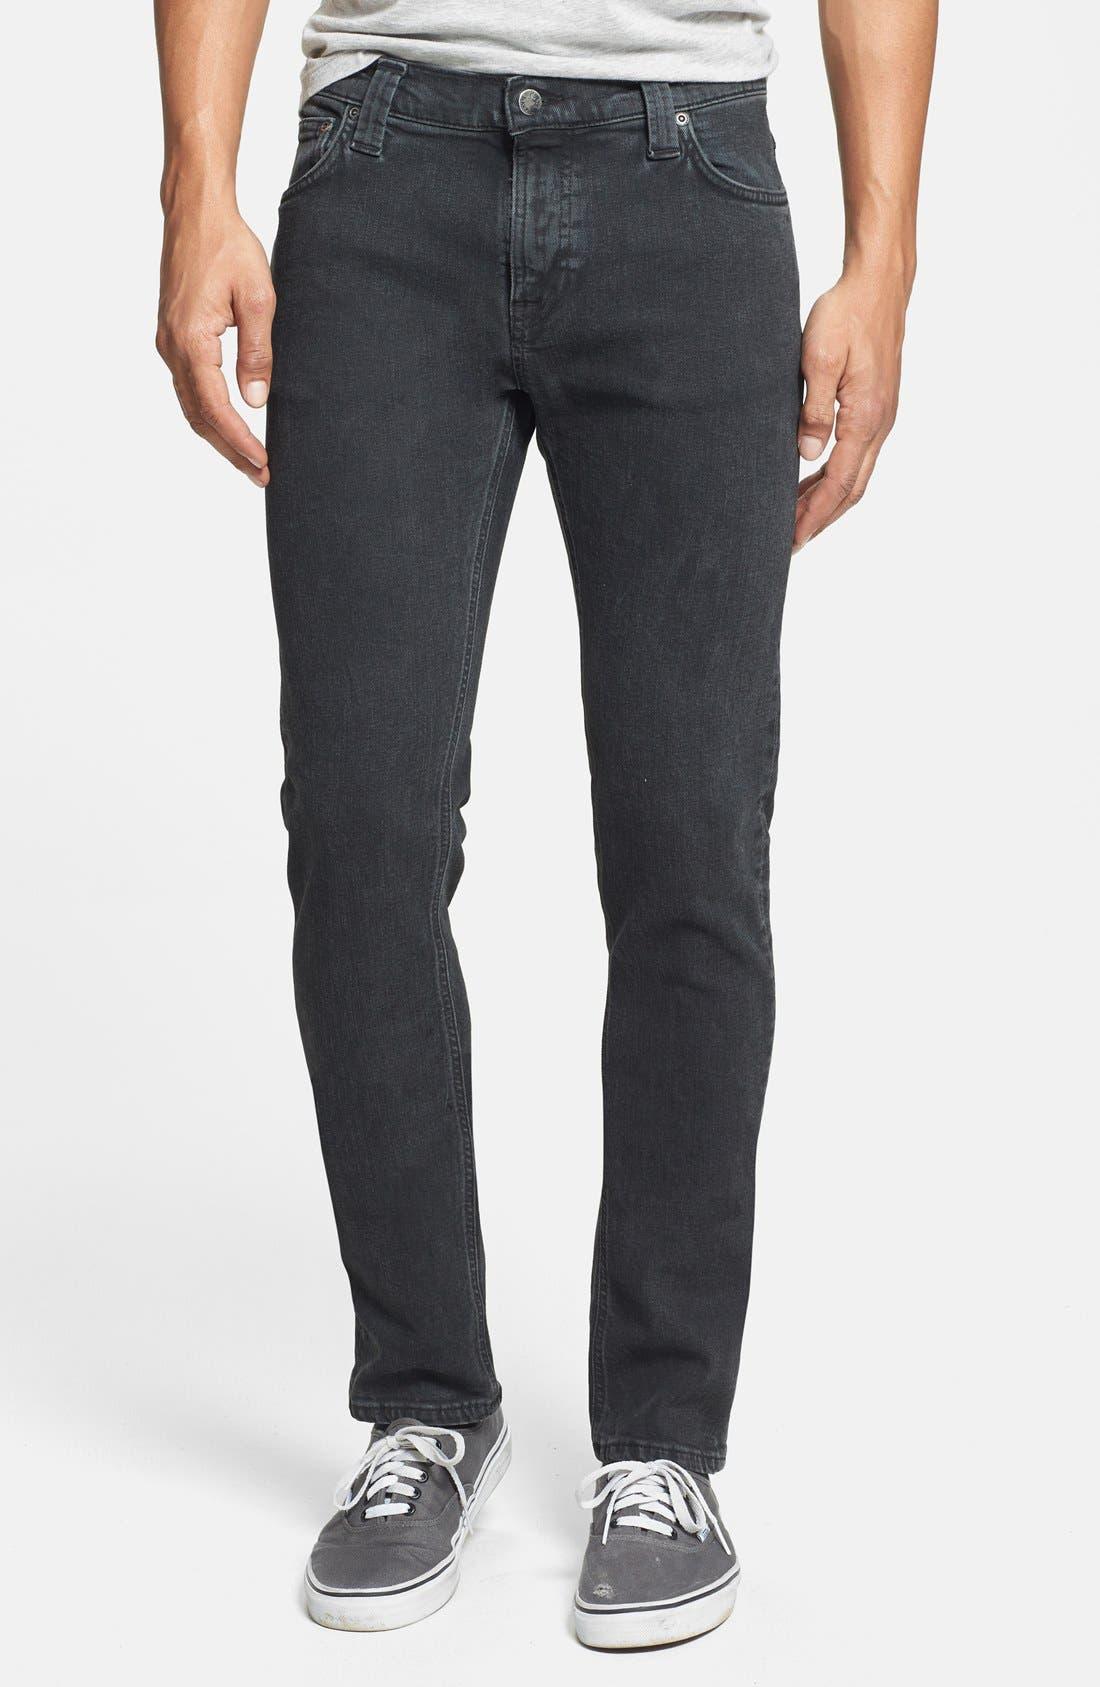 Alternate Image 1 Selected - Nudie Jeans 'Tube Tom' Skinny Fit Jeans (Organic Painted Black)